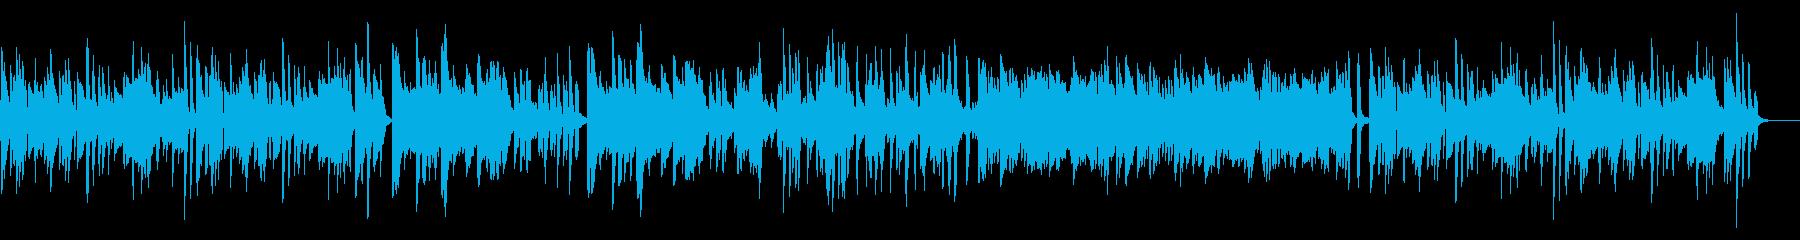 E.Pianoによる老朽ロボットの愁いの再生済みの波形